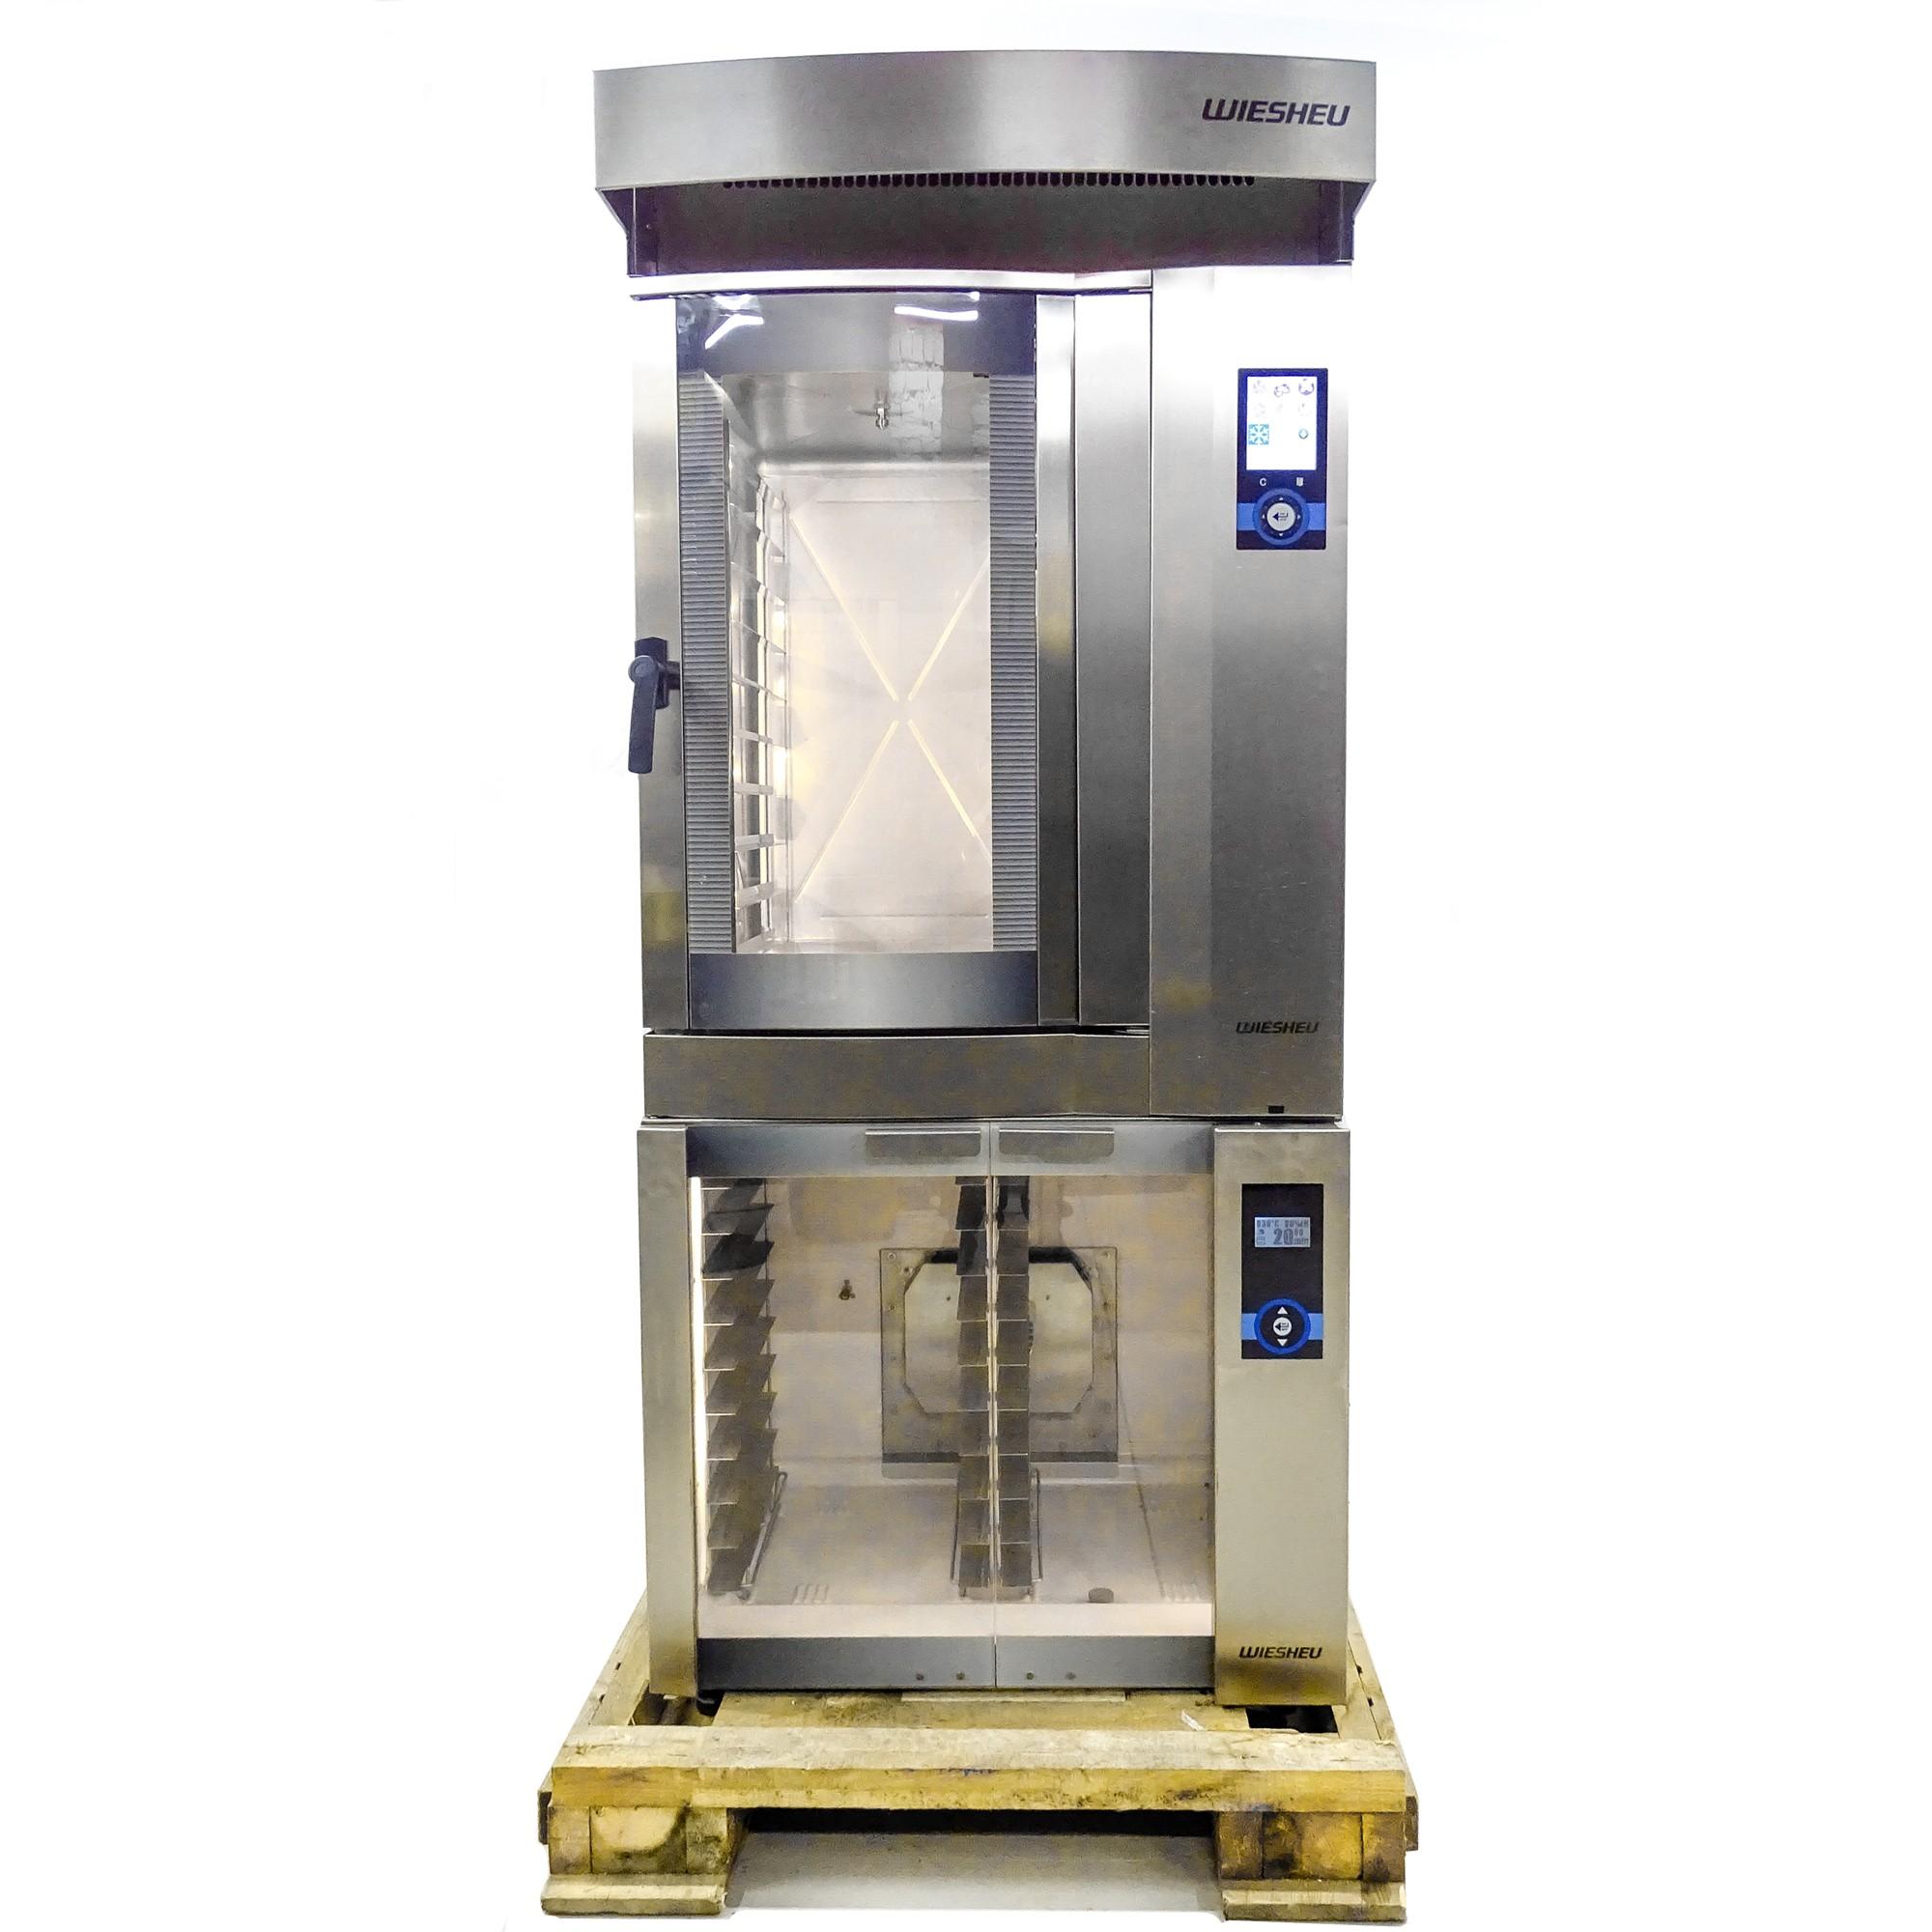 Печь конвекционная электрическая WIESHEU DIBAS 64 L, расстоечный шкаф WIESHEU GS 64 L и вытяжка WIESHEU